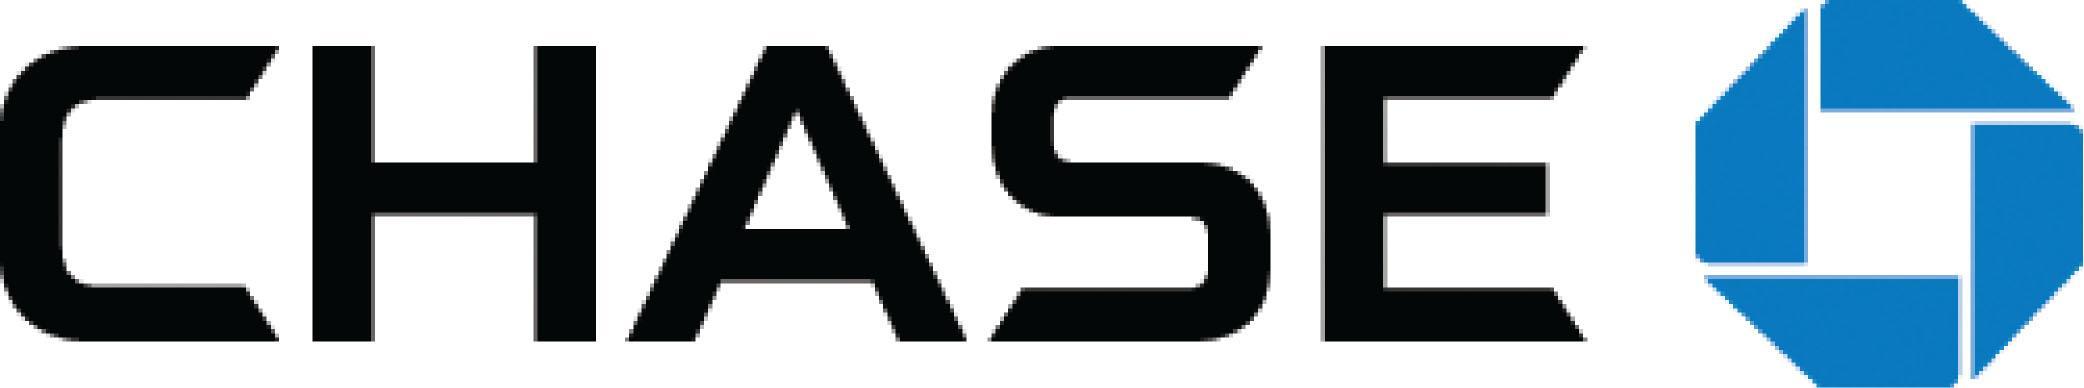 Logo Jp Morgan 300x55